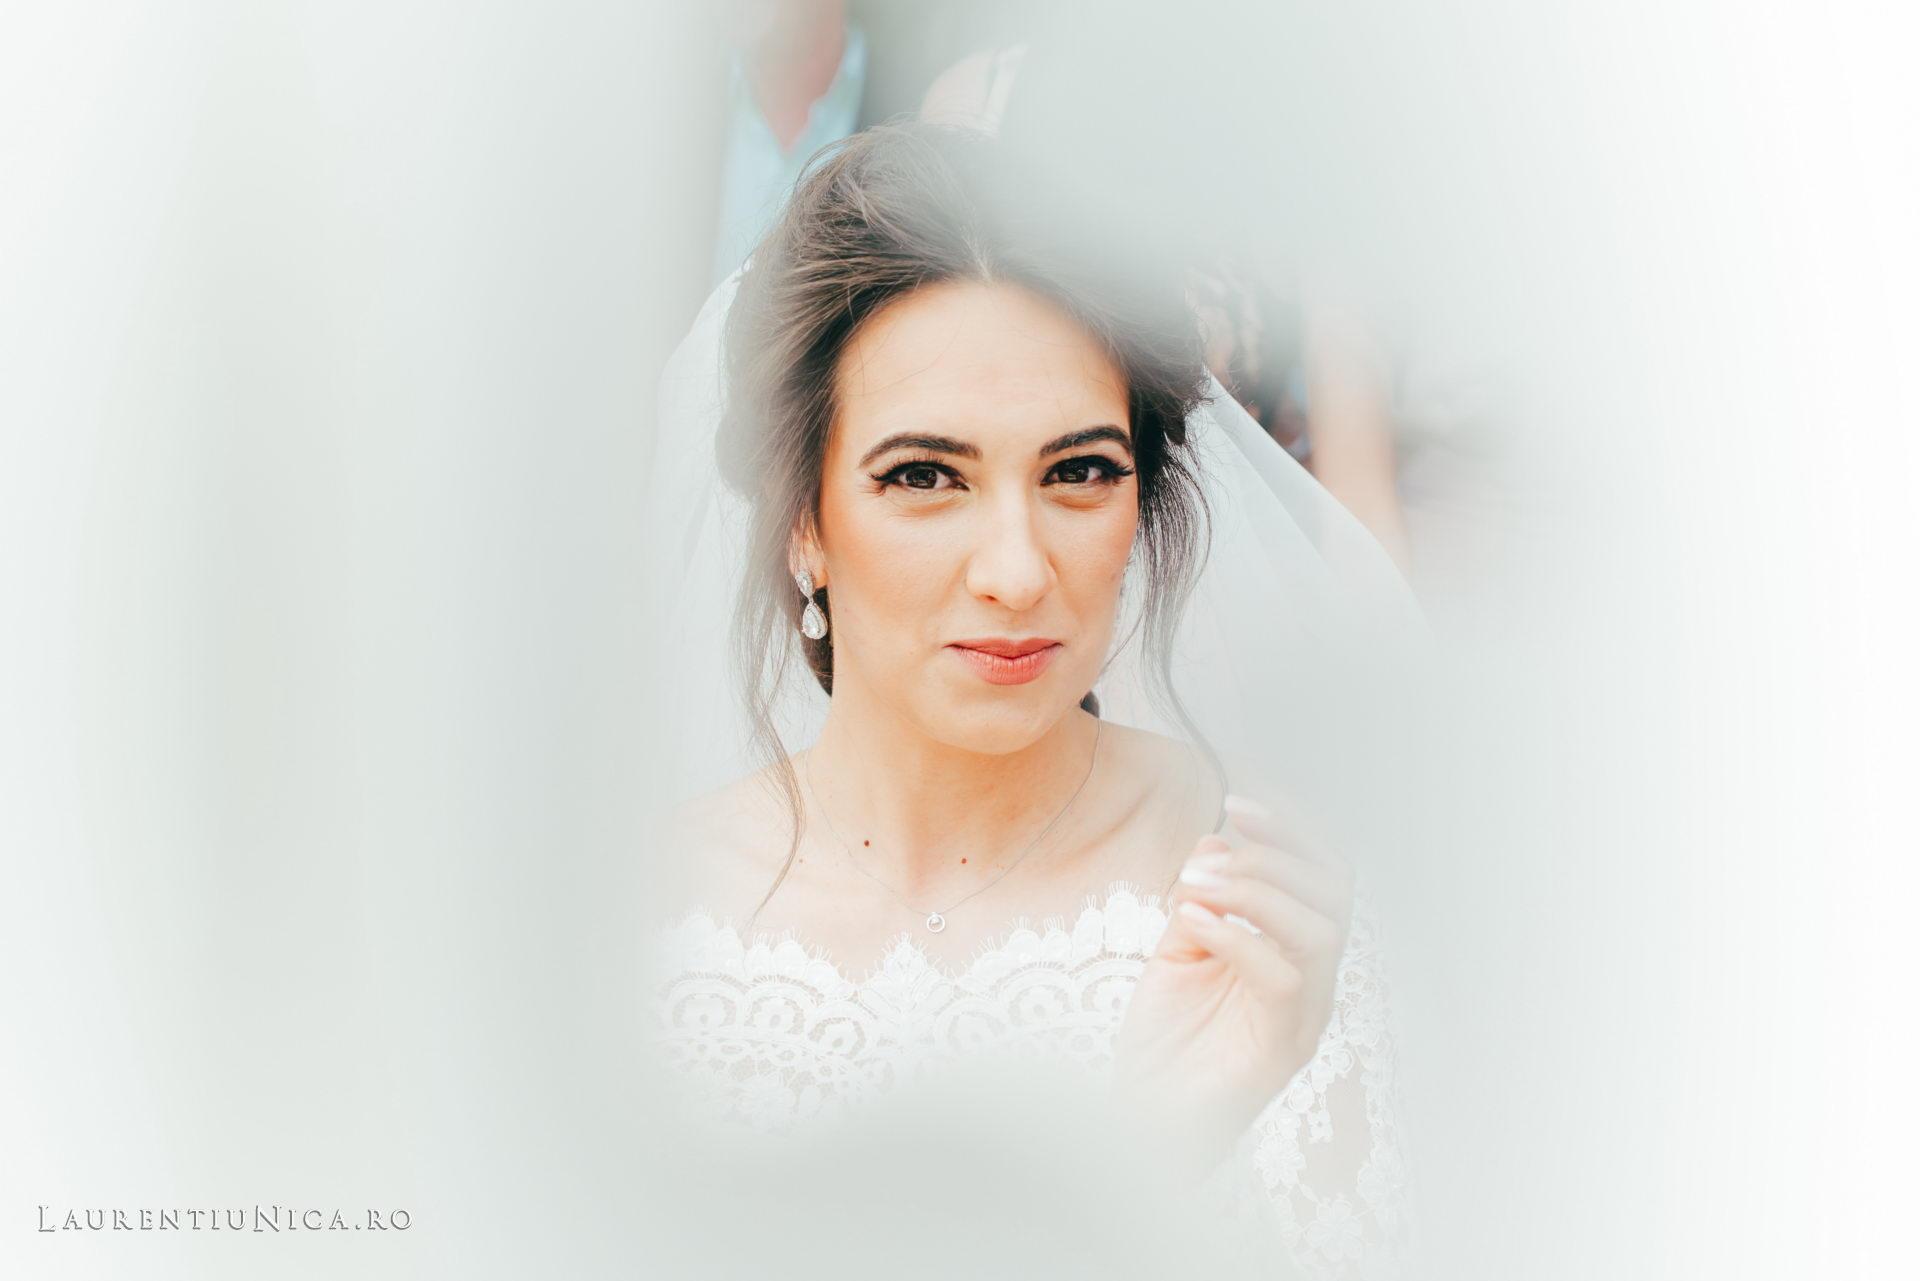 Cristina si Ovidiu nunta Craiova fotograf laurentiu nica 085 - Cristina & Ovidiu | Fotografii nunta | Craiova